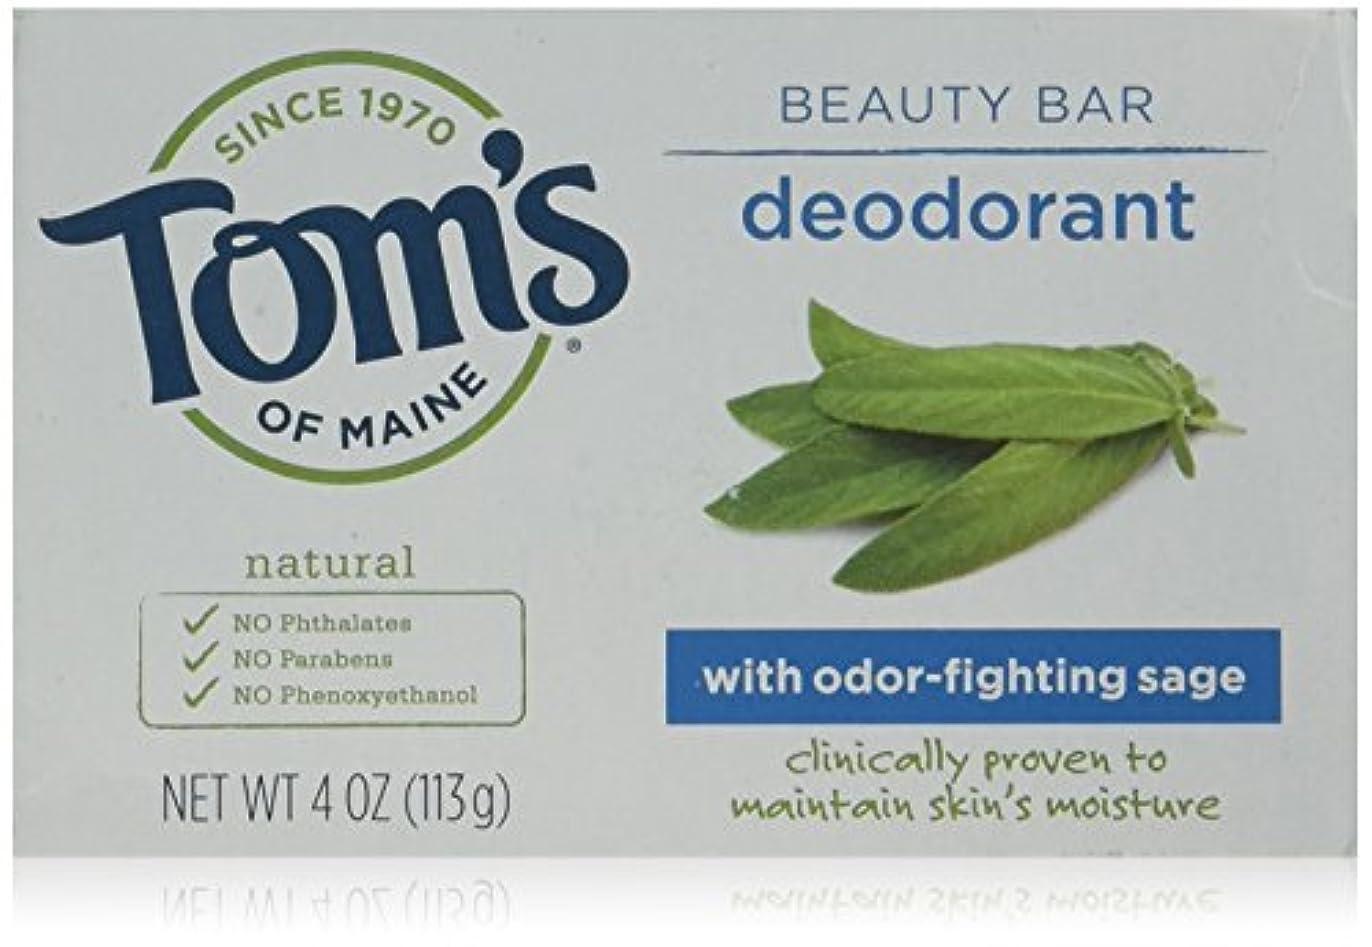 災害兵士傾いたTom's of Maine Natural Beauty Bar Deodorant Soap ナチュラル ビューティー バー デオドラント ソープ [4oz (113g)] [並行輸入品]